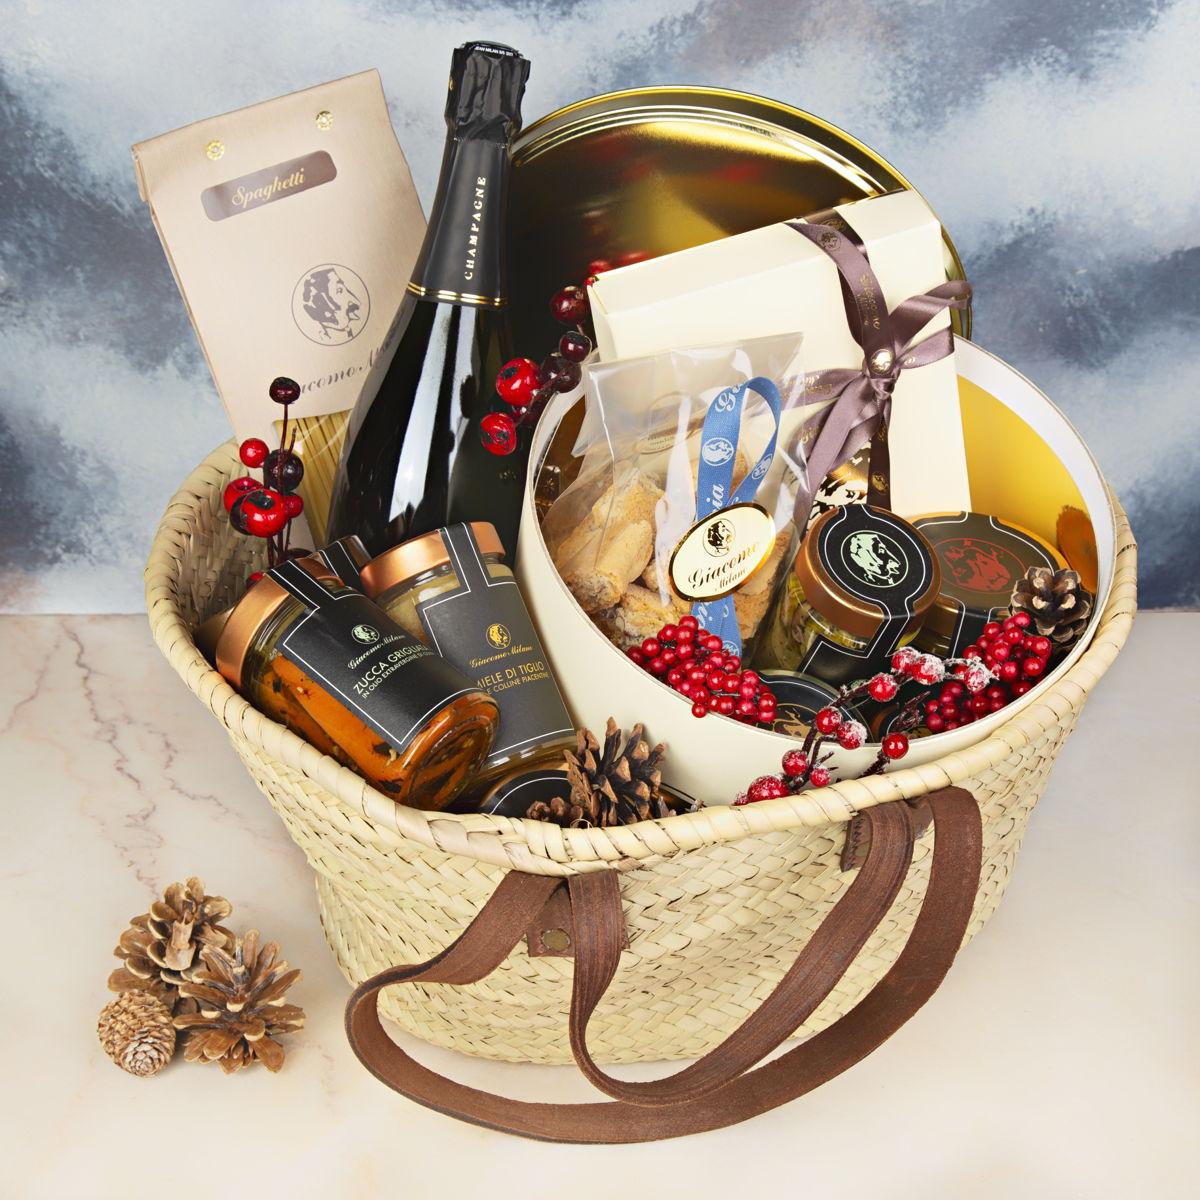 Natale 2018: ad aiutarvi con i regali è il servizio di food delivery Deliveroo thumbnail